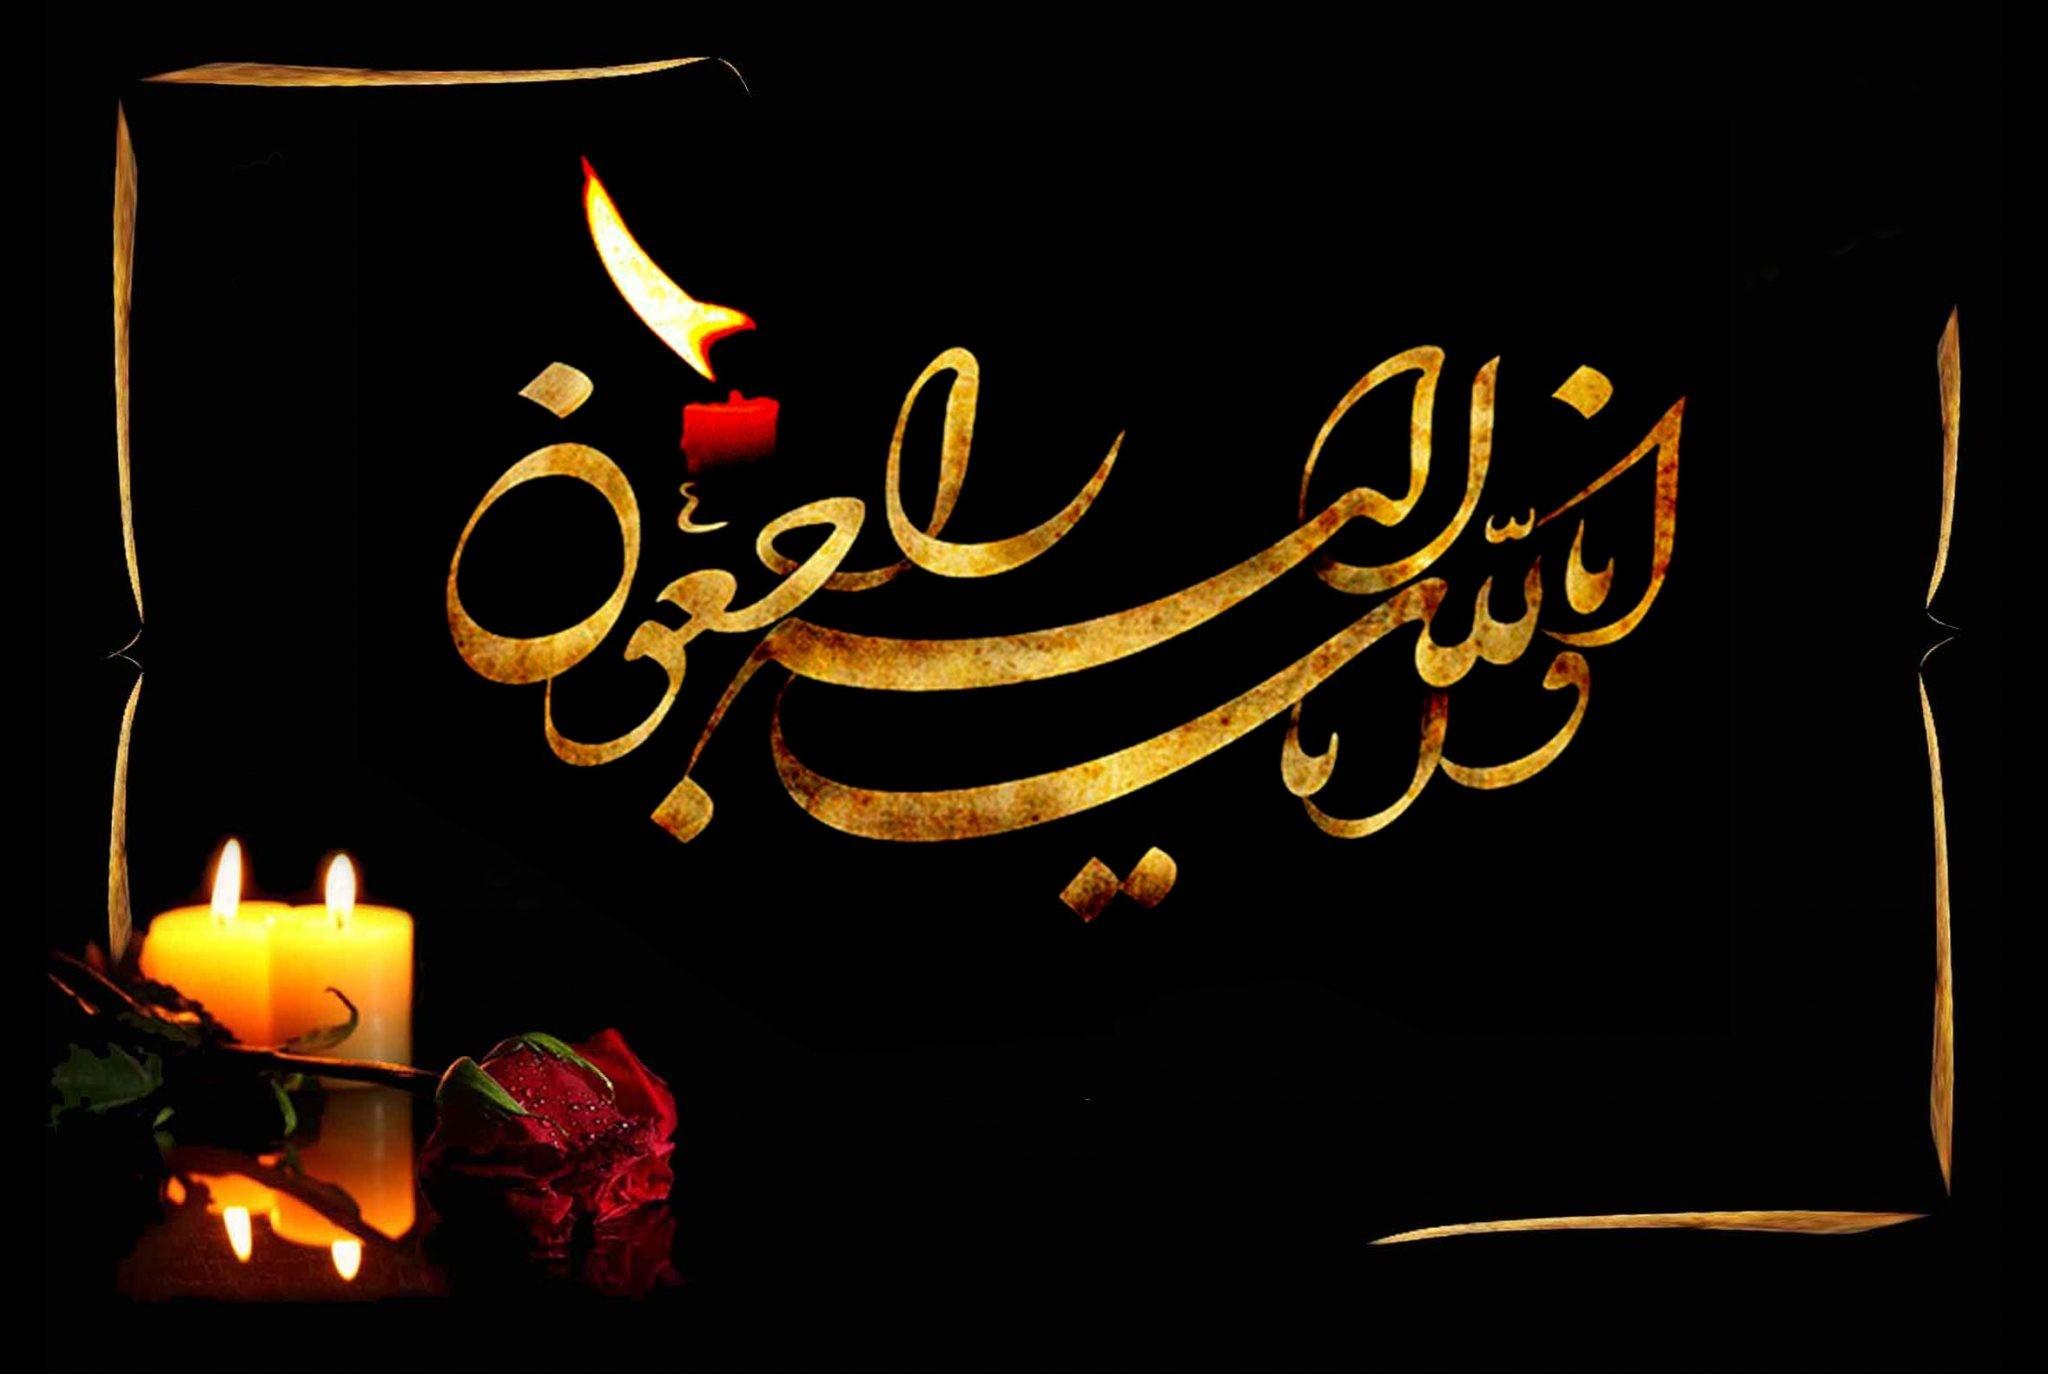 عرض تسلیت درگذشت مادر گرامی جناب دکتر ابراهیم صالحی عمران